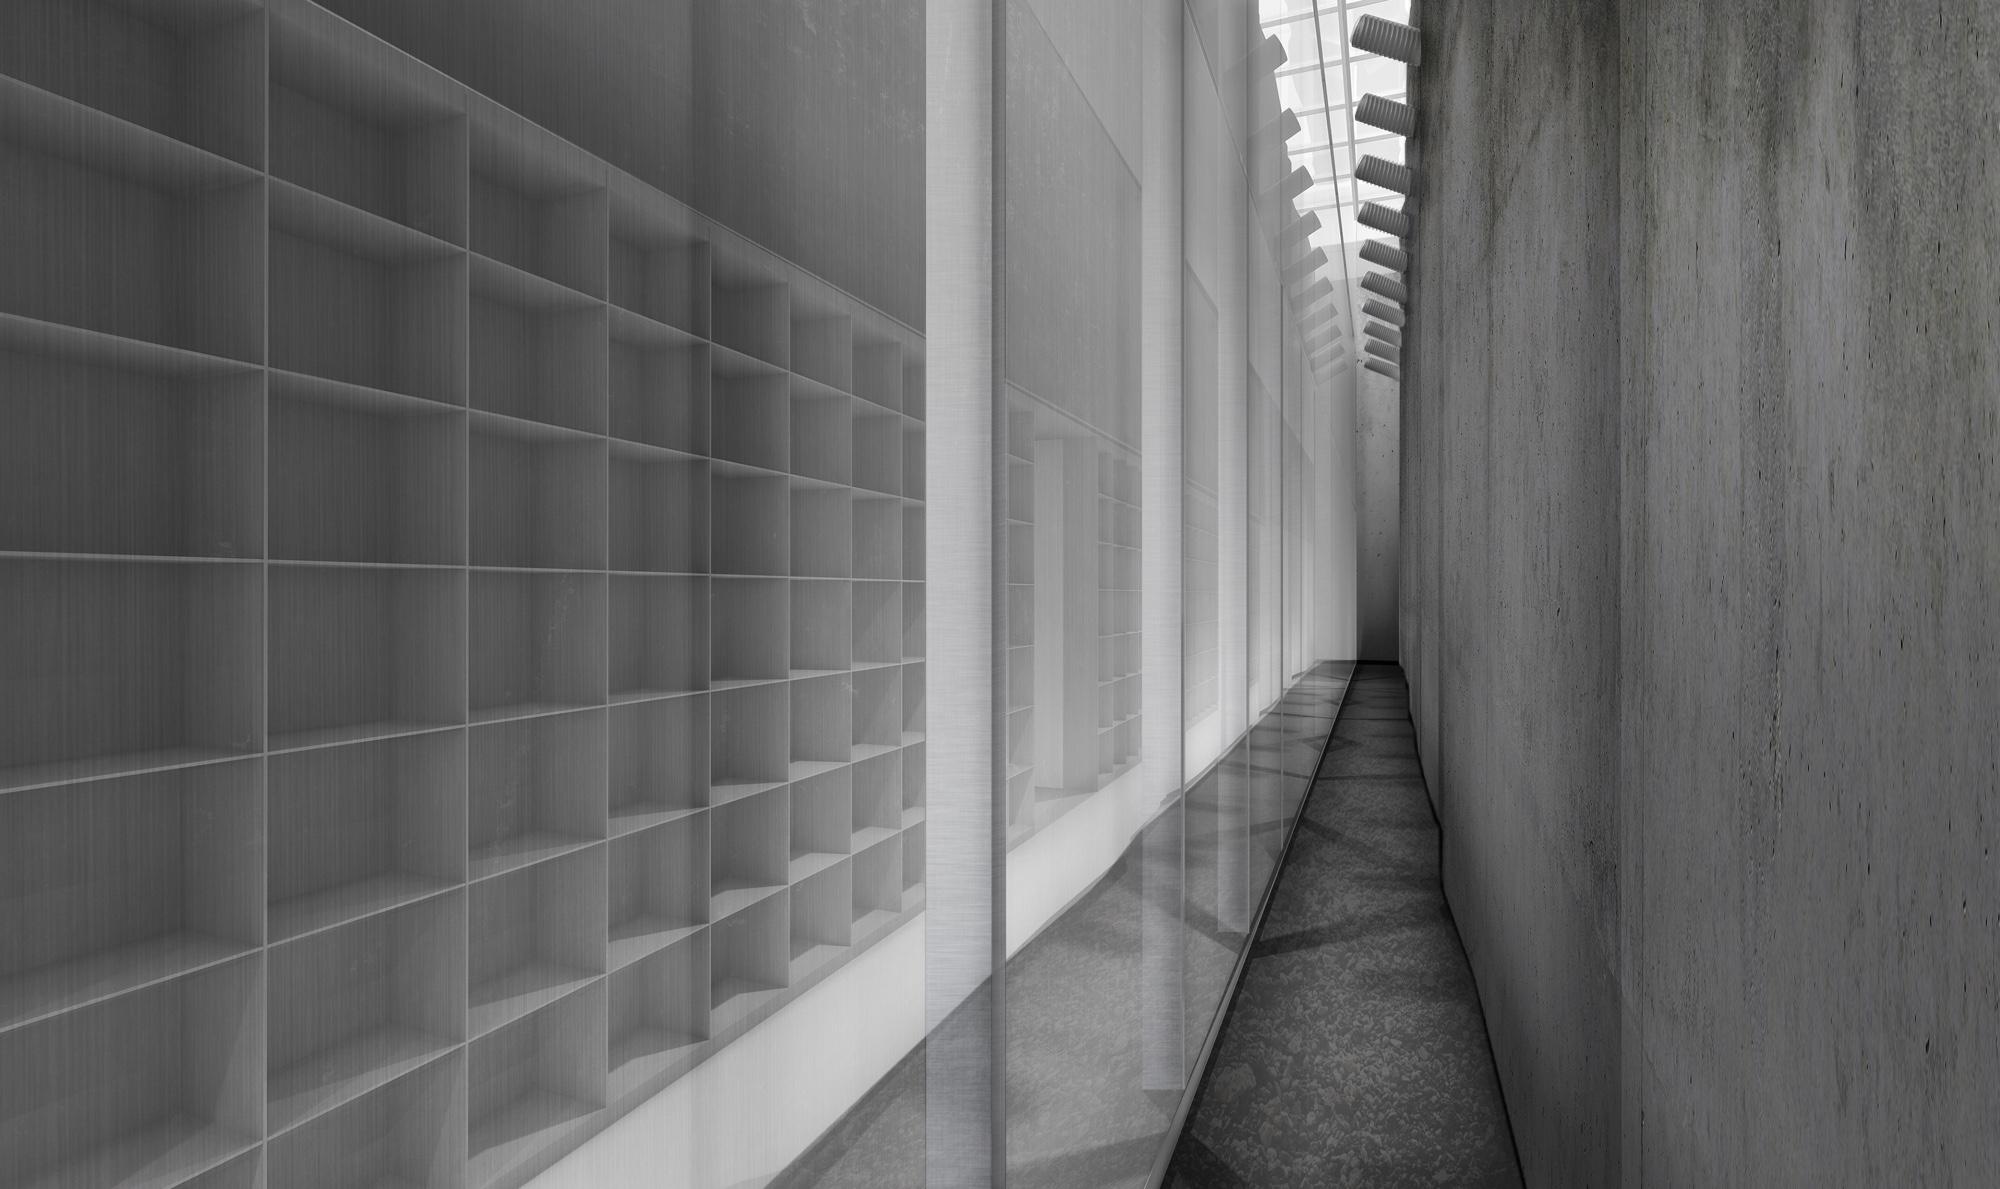 Innenarchitektur Studieren An Der Akademie Der Bildenden Kunste